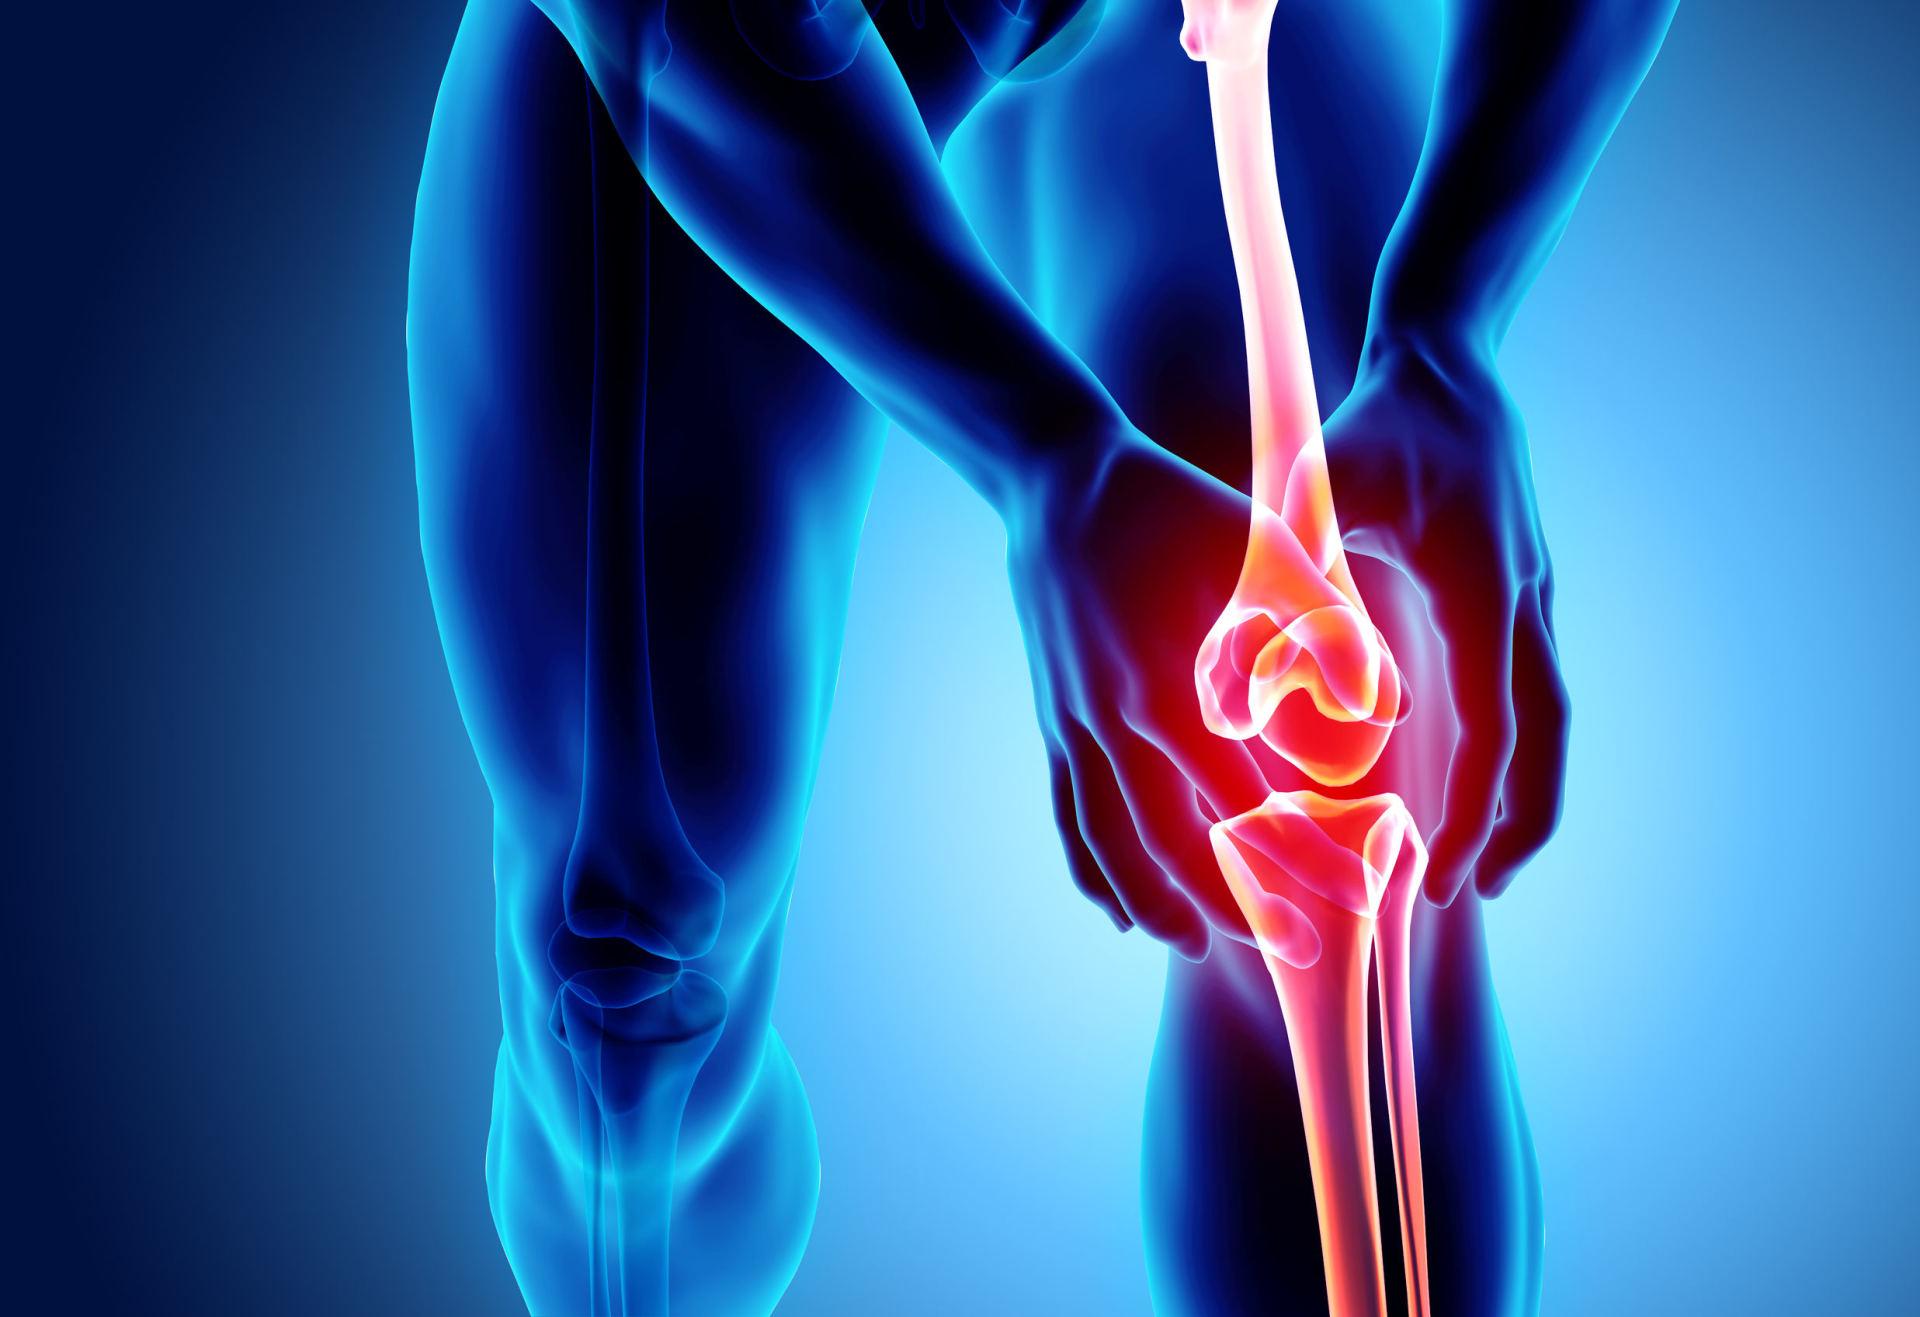 peties sąnario skausmai po kritimo jeigu jungtinis ženklai